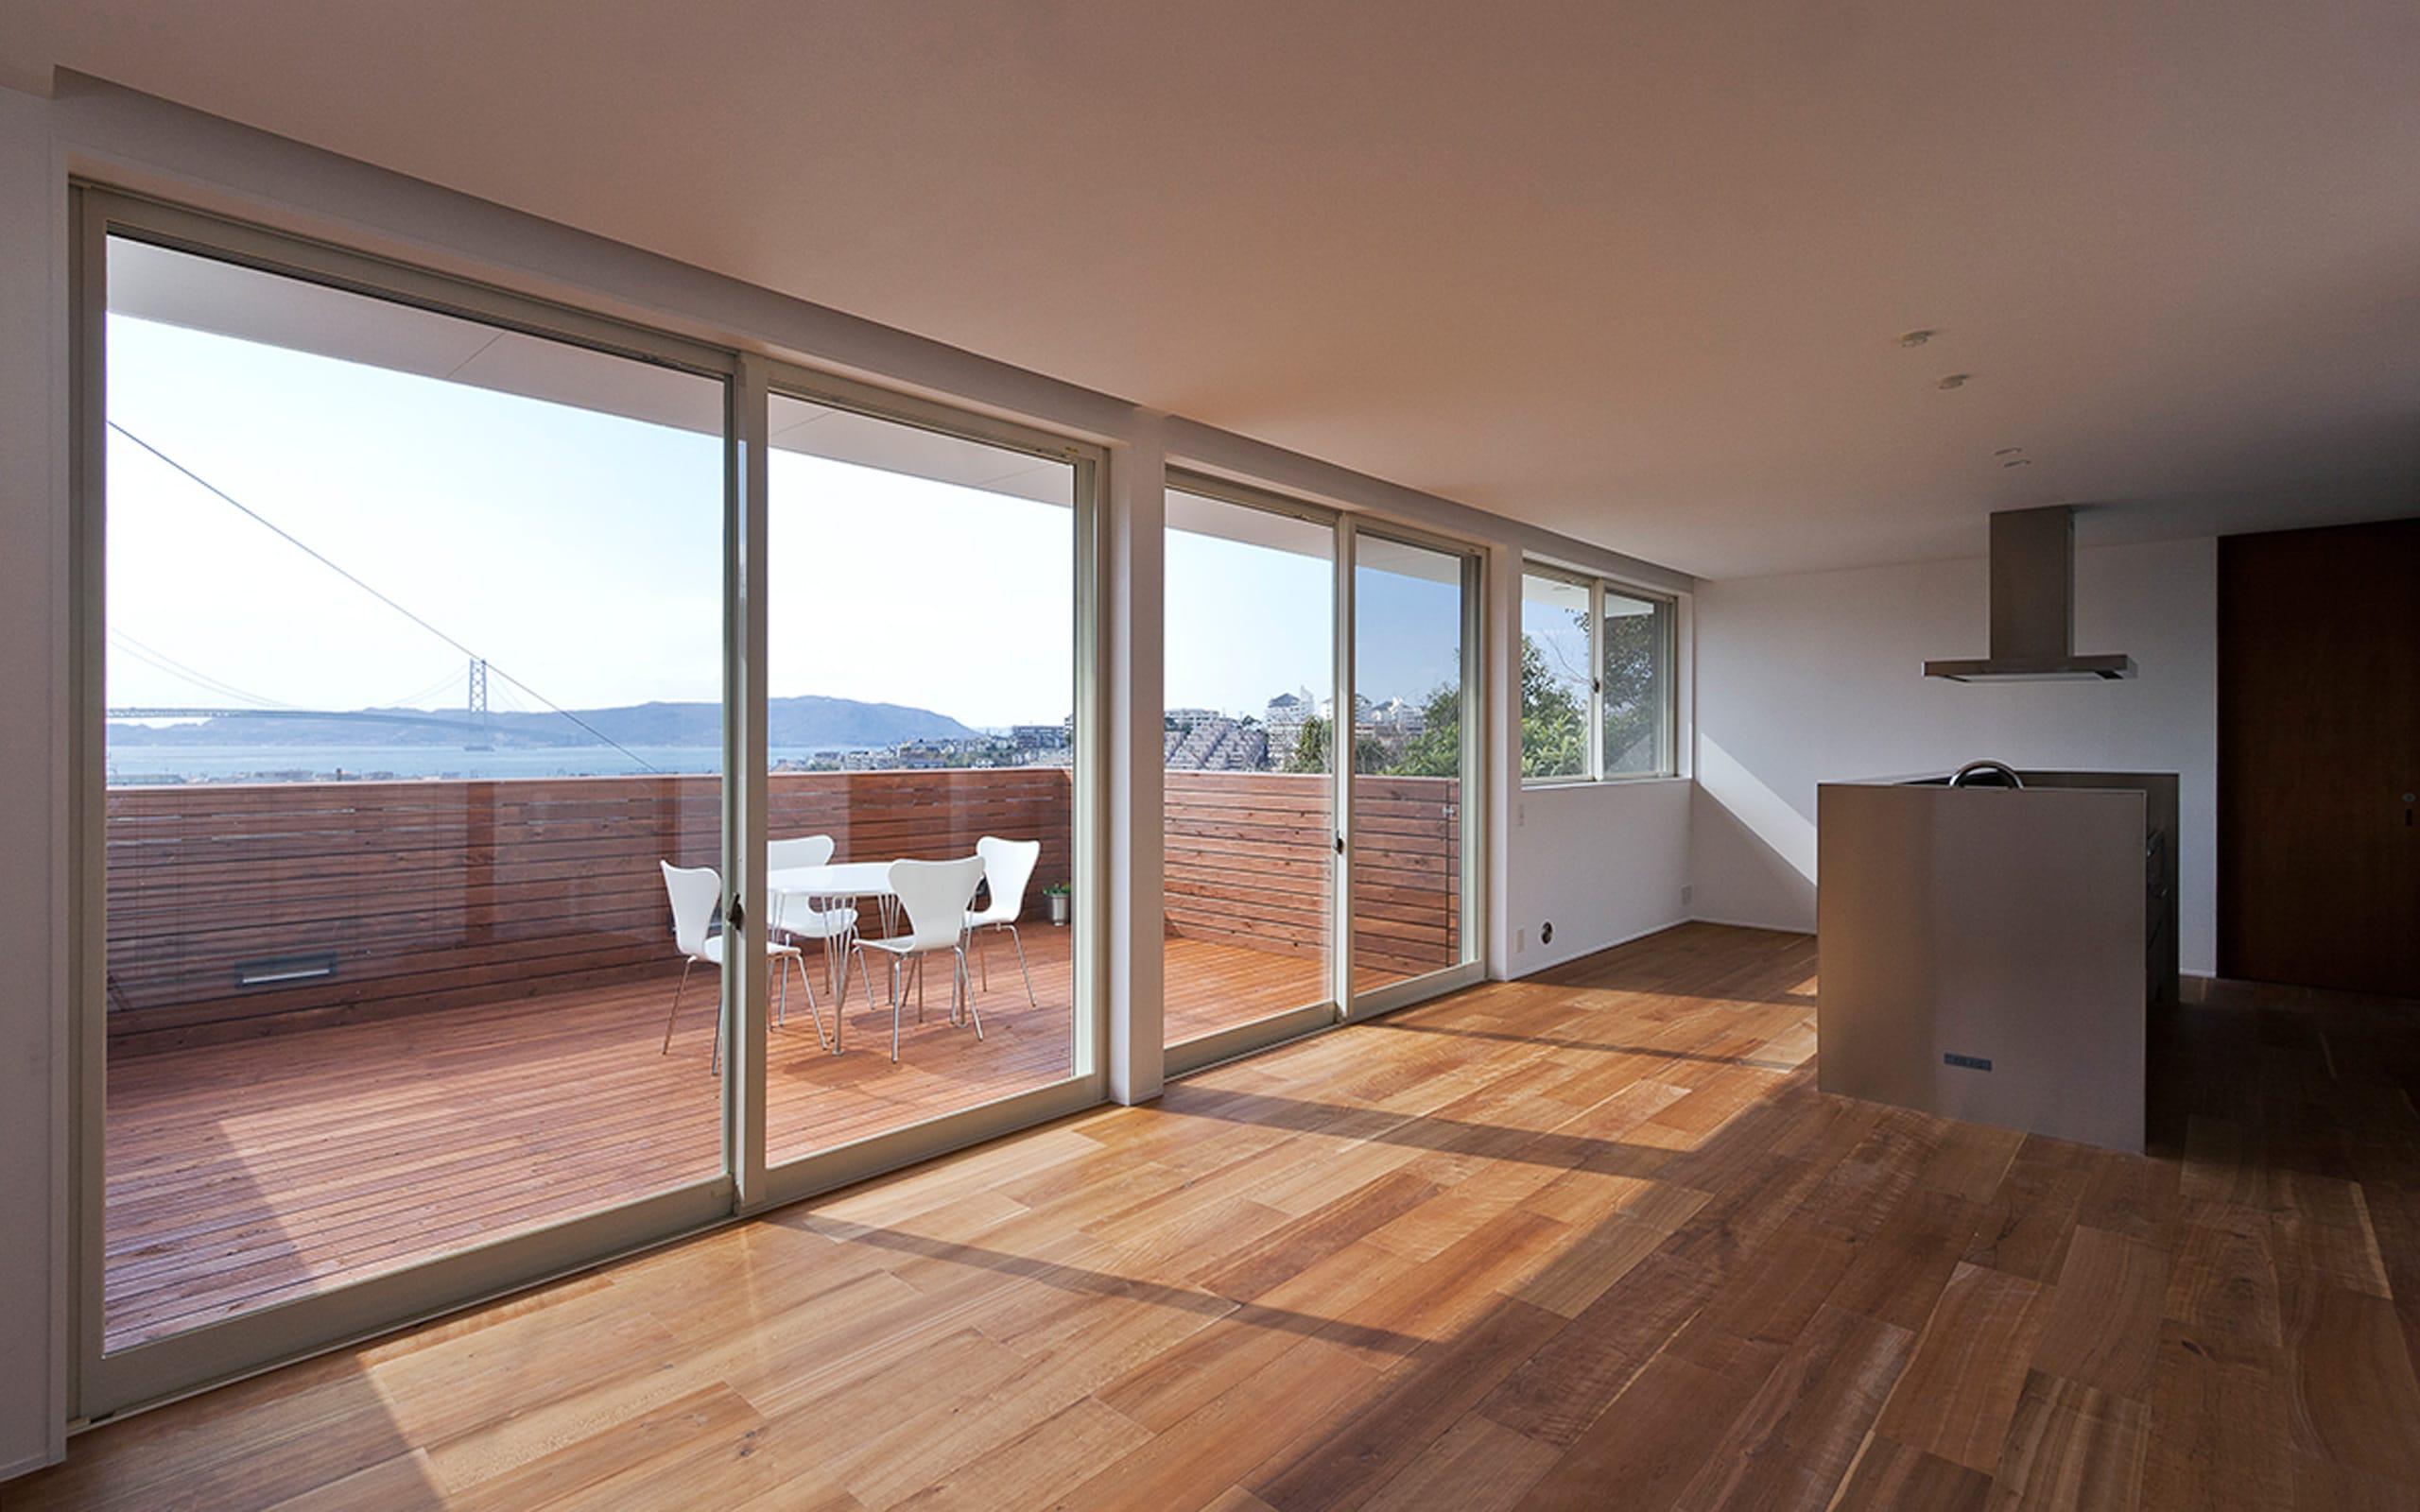 絶景!海を望む白い家の眺望2